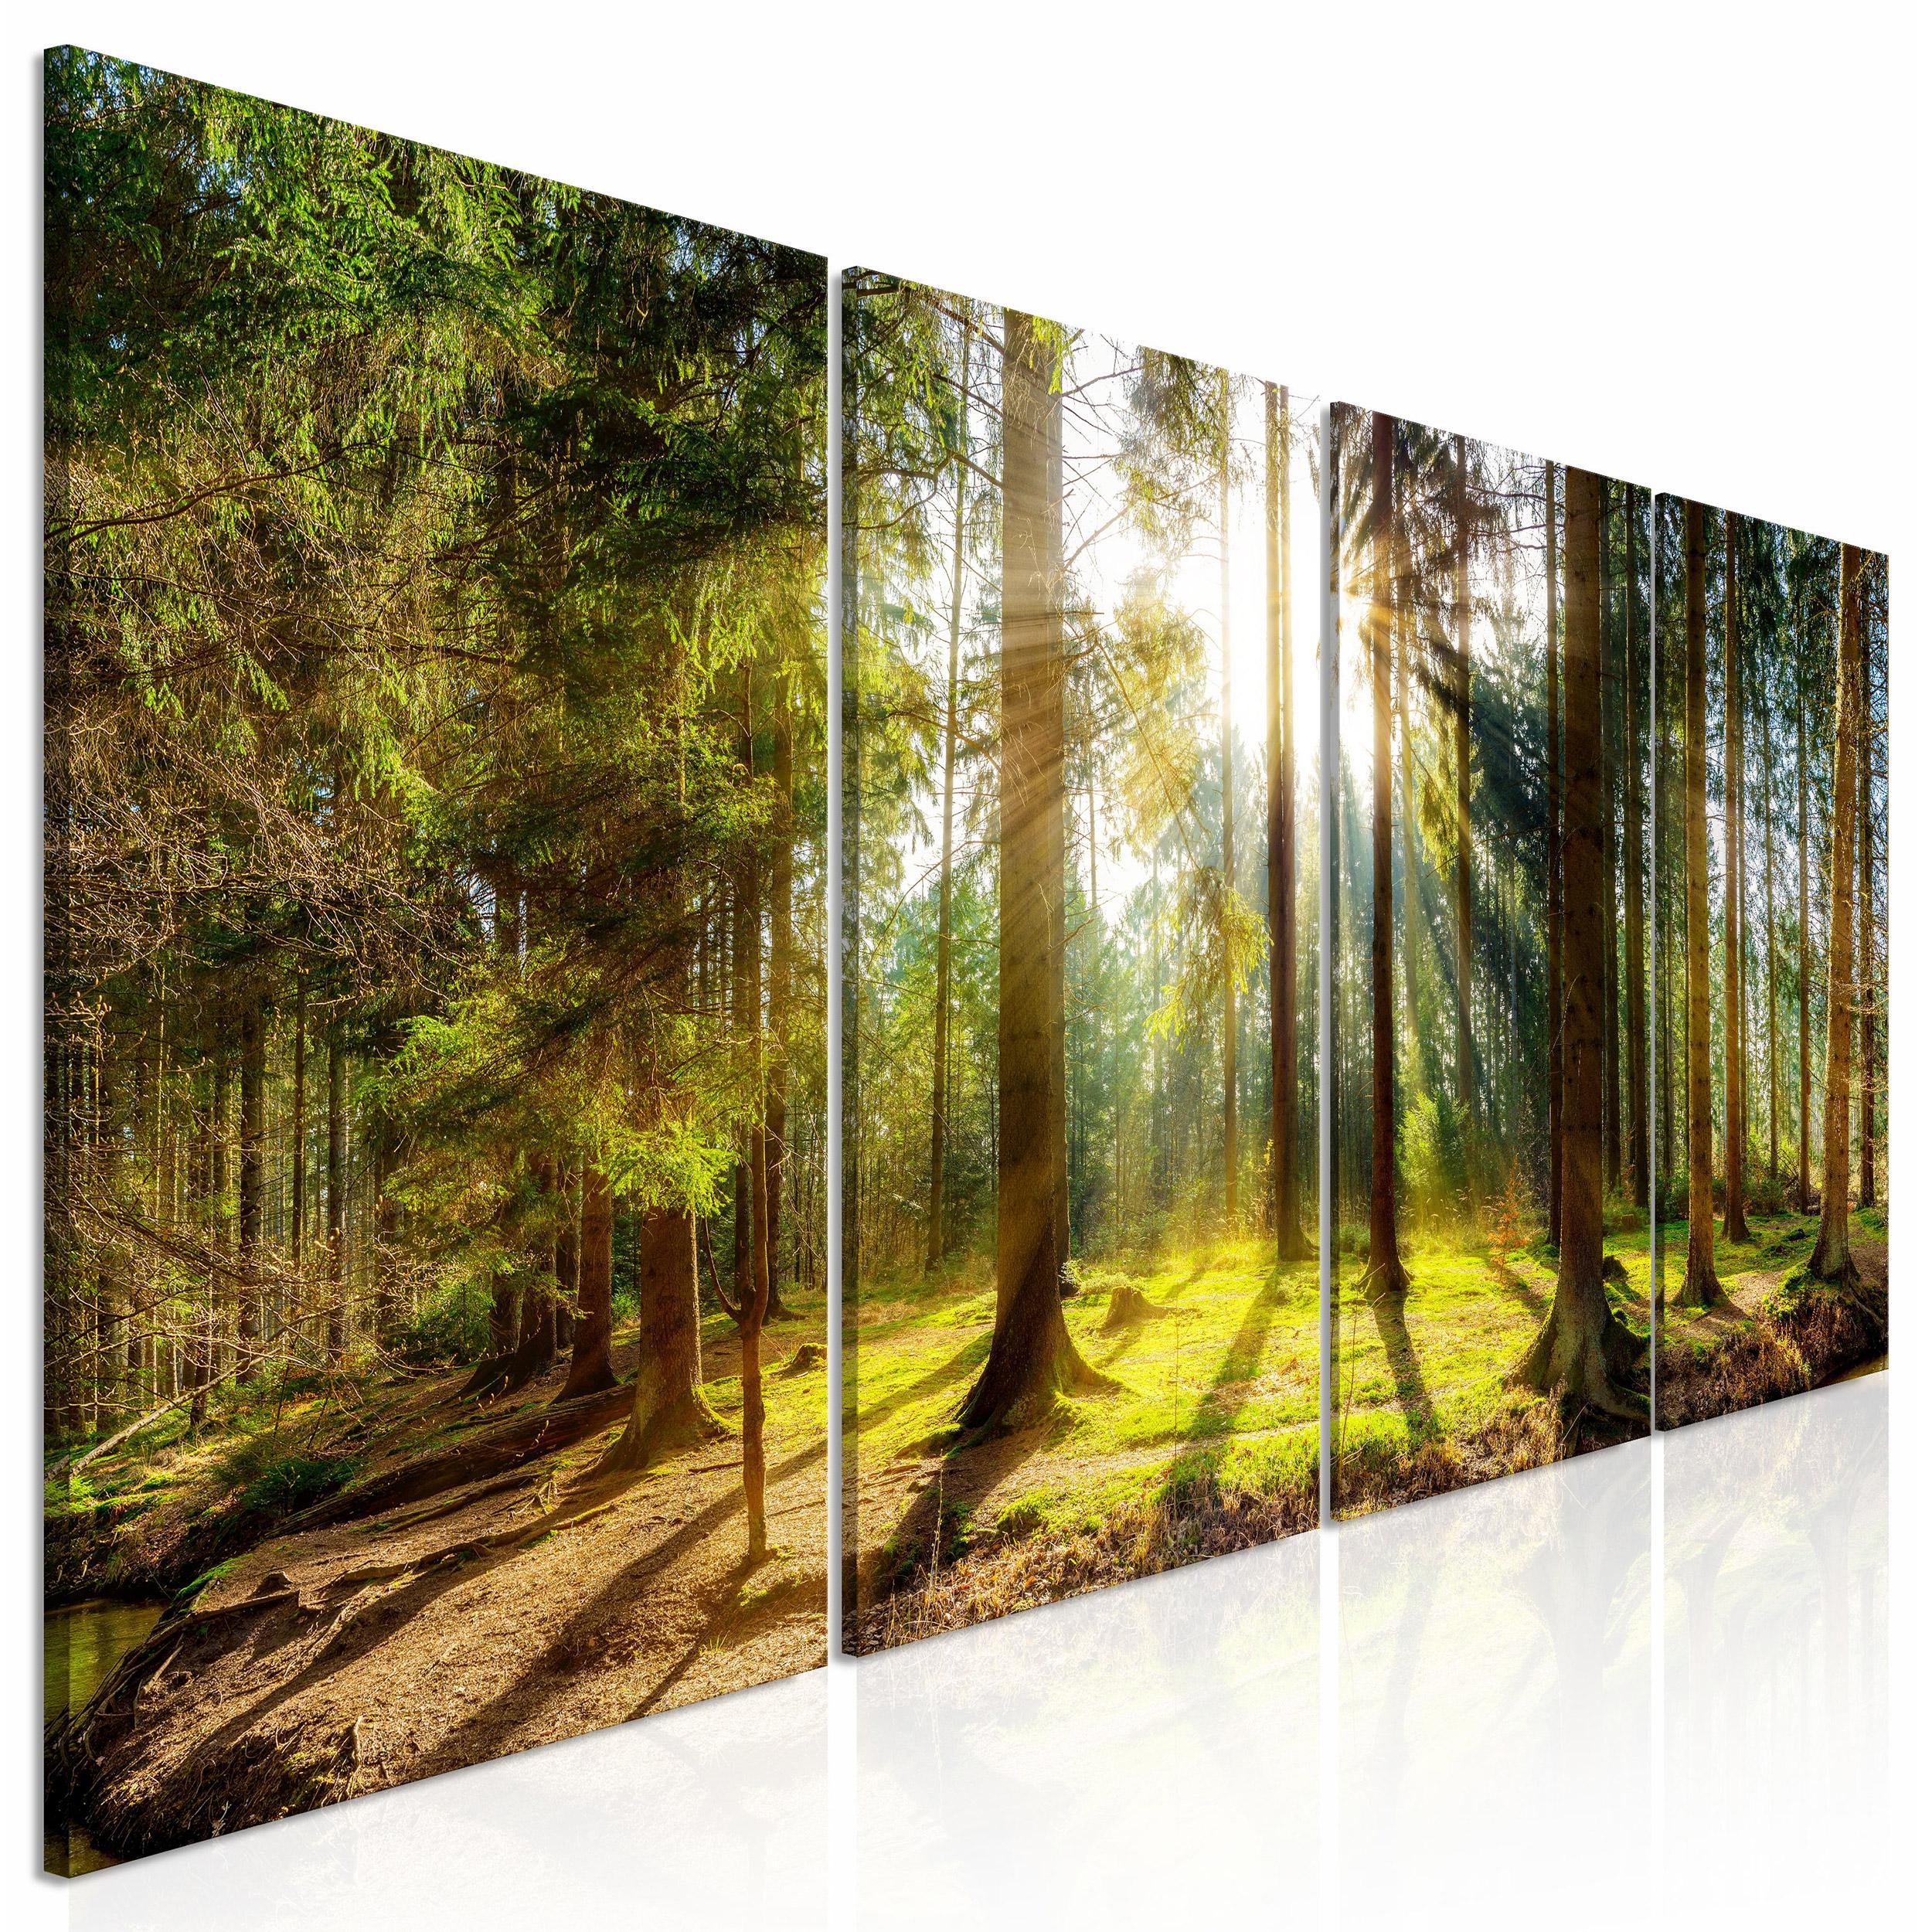 deko wandbilder leinwand f rs wohnzimmer g nstig kaufen ebay. Black Bedroom Furniture Sets. Home Design Ideas